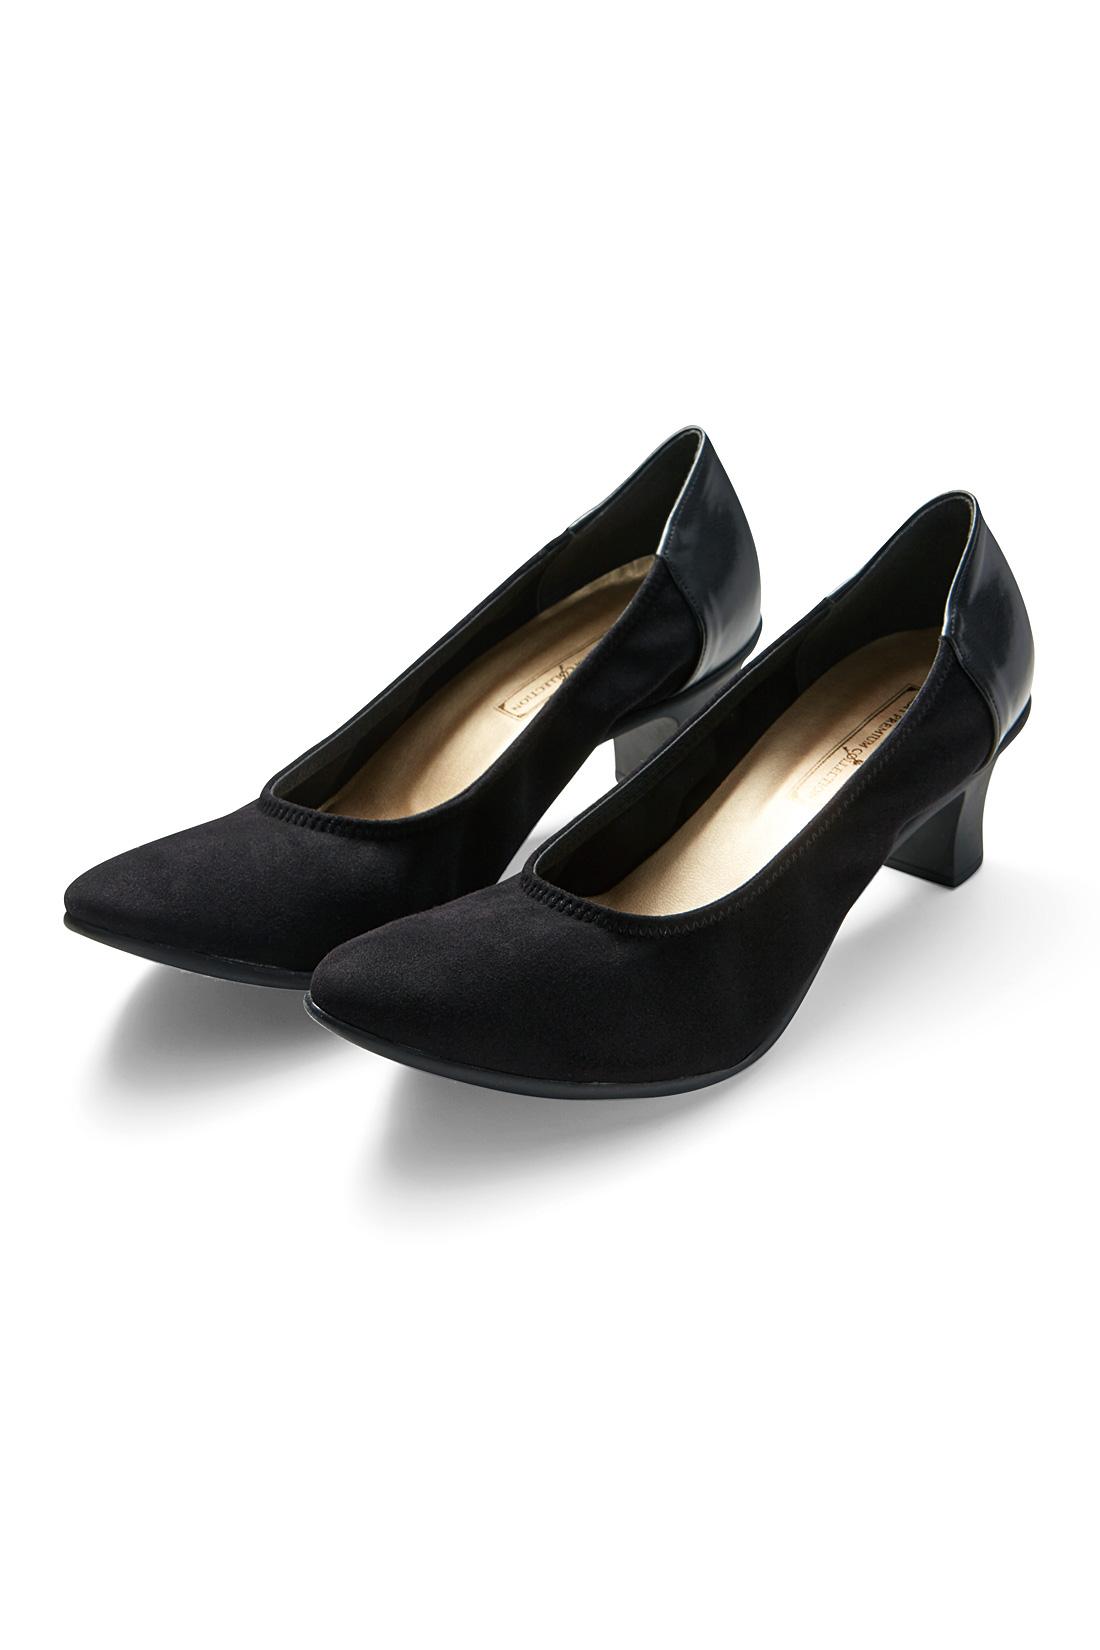 履き口まわりはゴム仕様。伸縮性のある素材とあいまって、一層足に沿ってフィット感抜群の仕上がり。